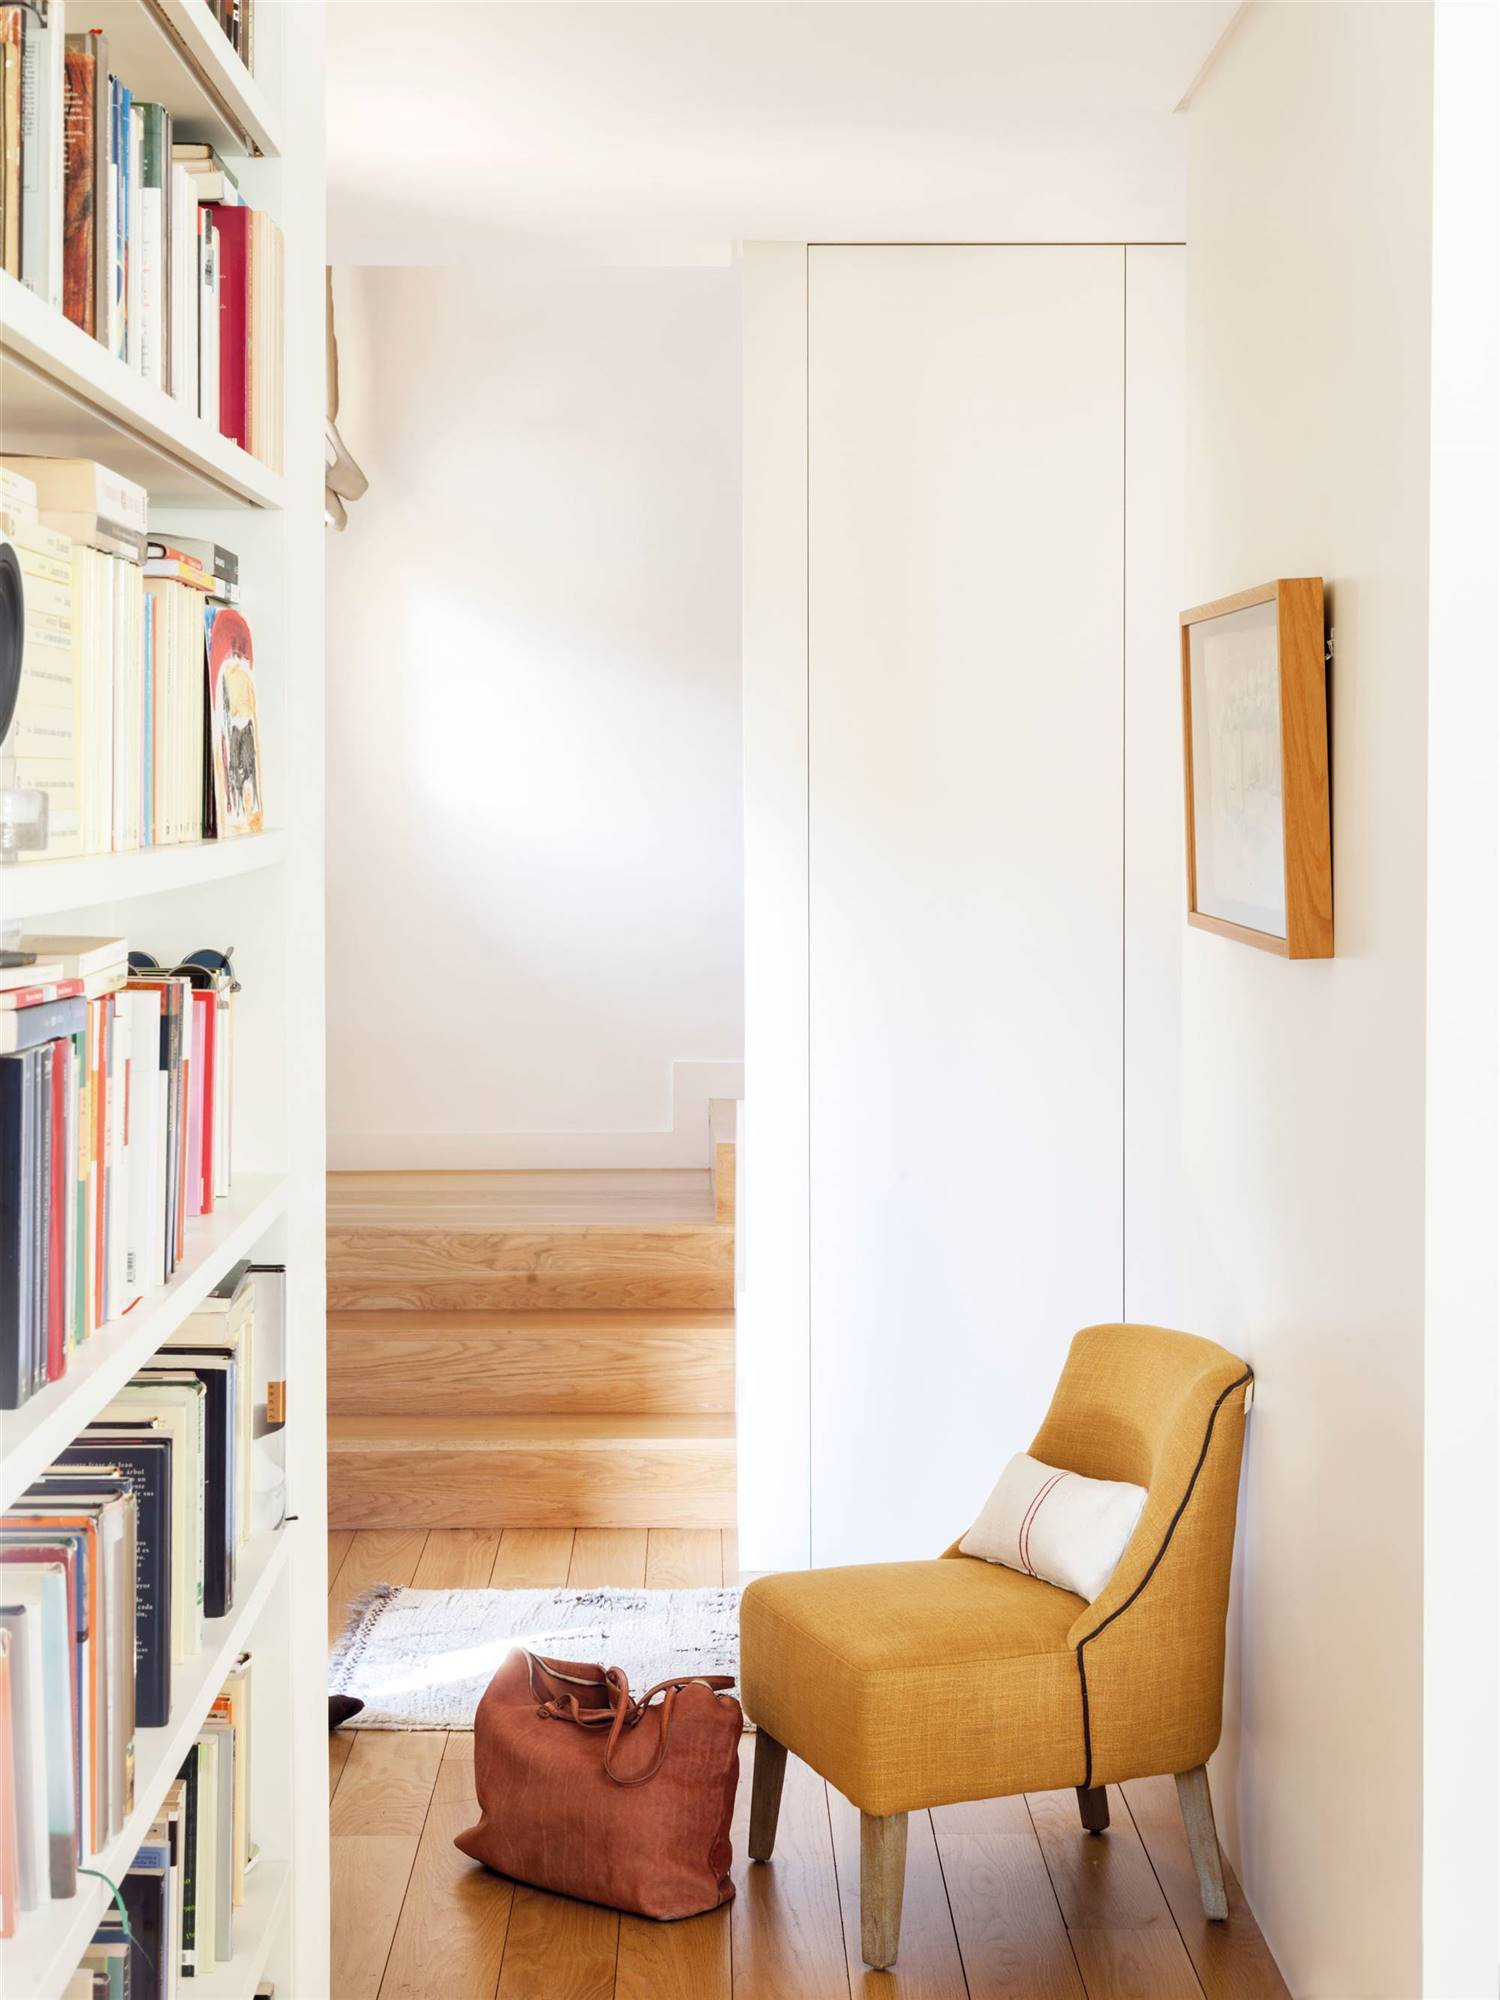 pasillo-con-estanteria-con-libros-y-butaca-mostaza_00510176. Un mostaza muy sofisticado